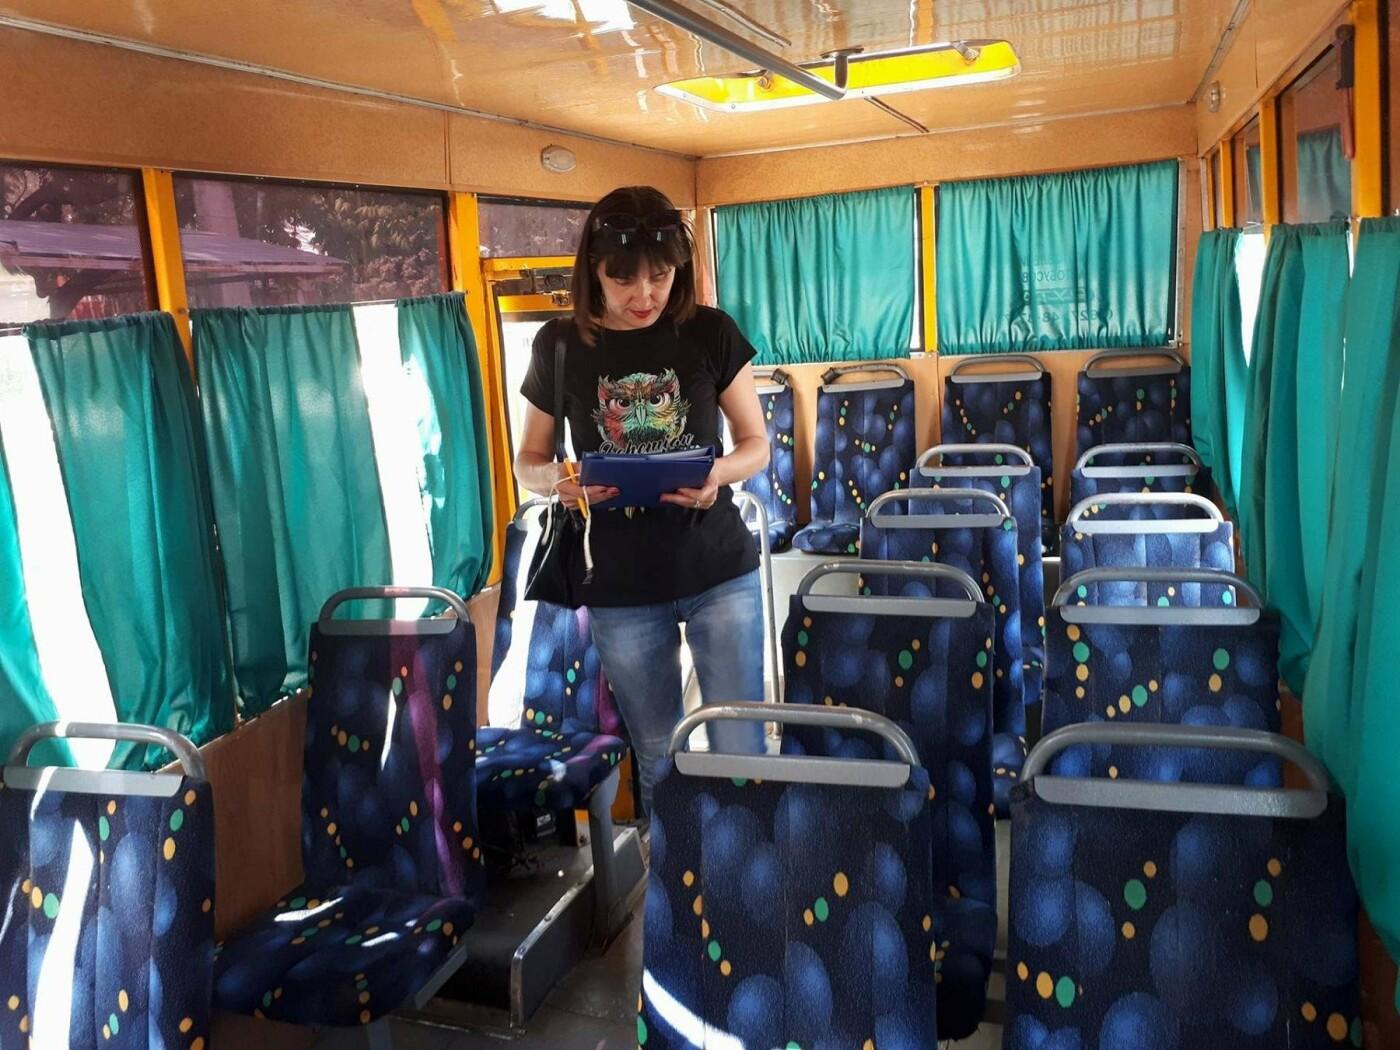 Временная транспортная комиссия завершила повторную проверку частных перевозчиков в Сумах, фото-5